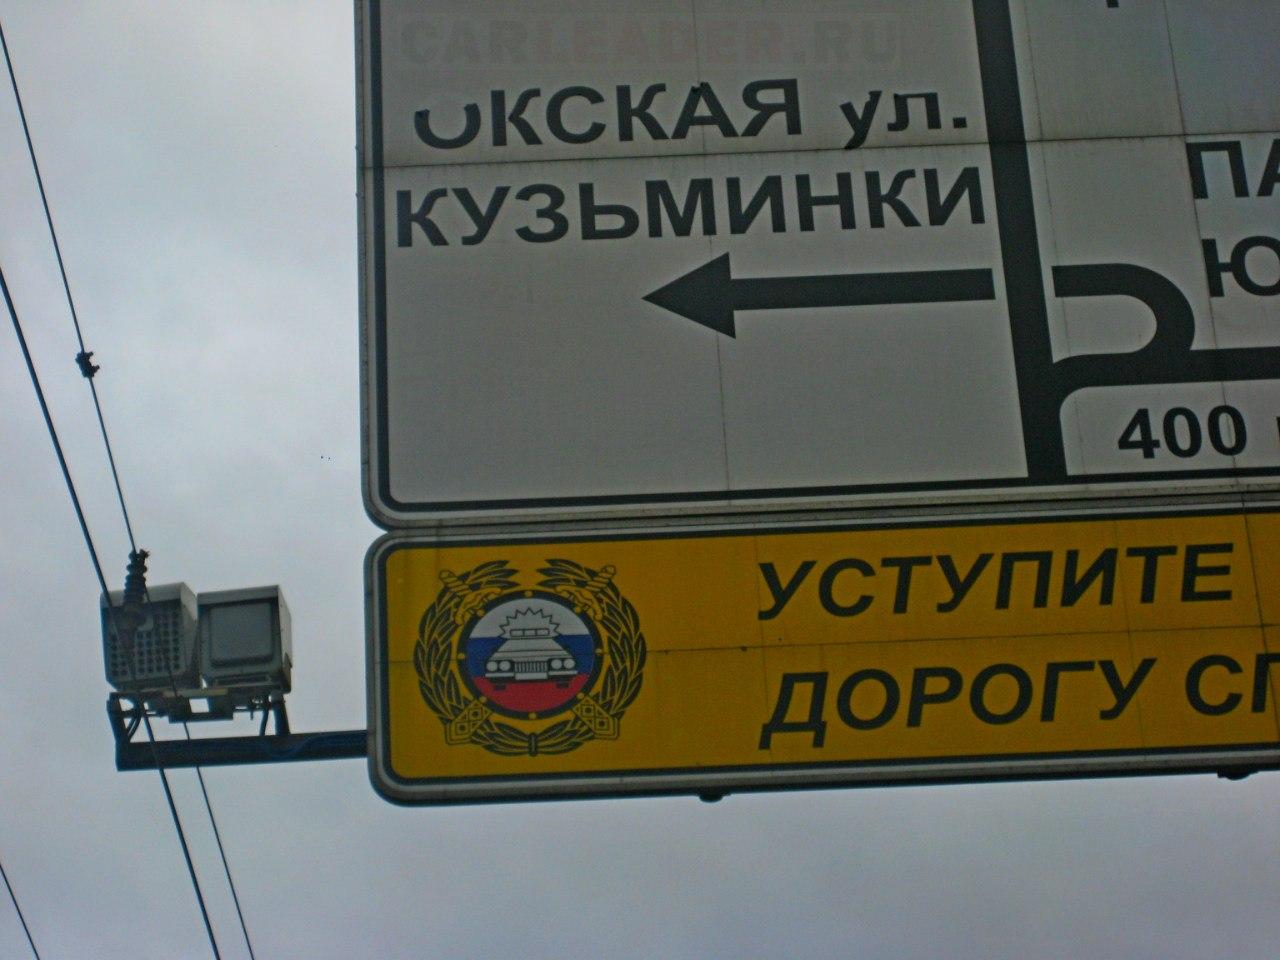 Две камеры ГИБДД: Рязанский проспект 75 стр.1, м. Рязанский проспект, после остановки общественного транспорта